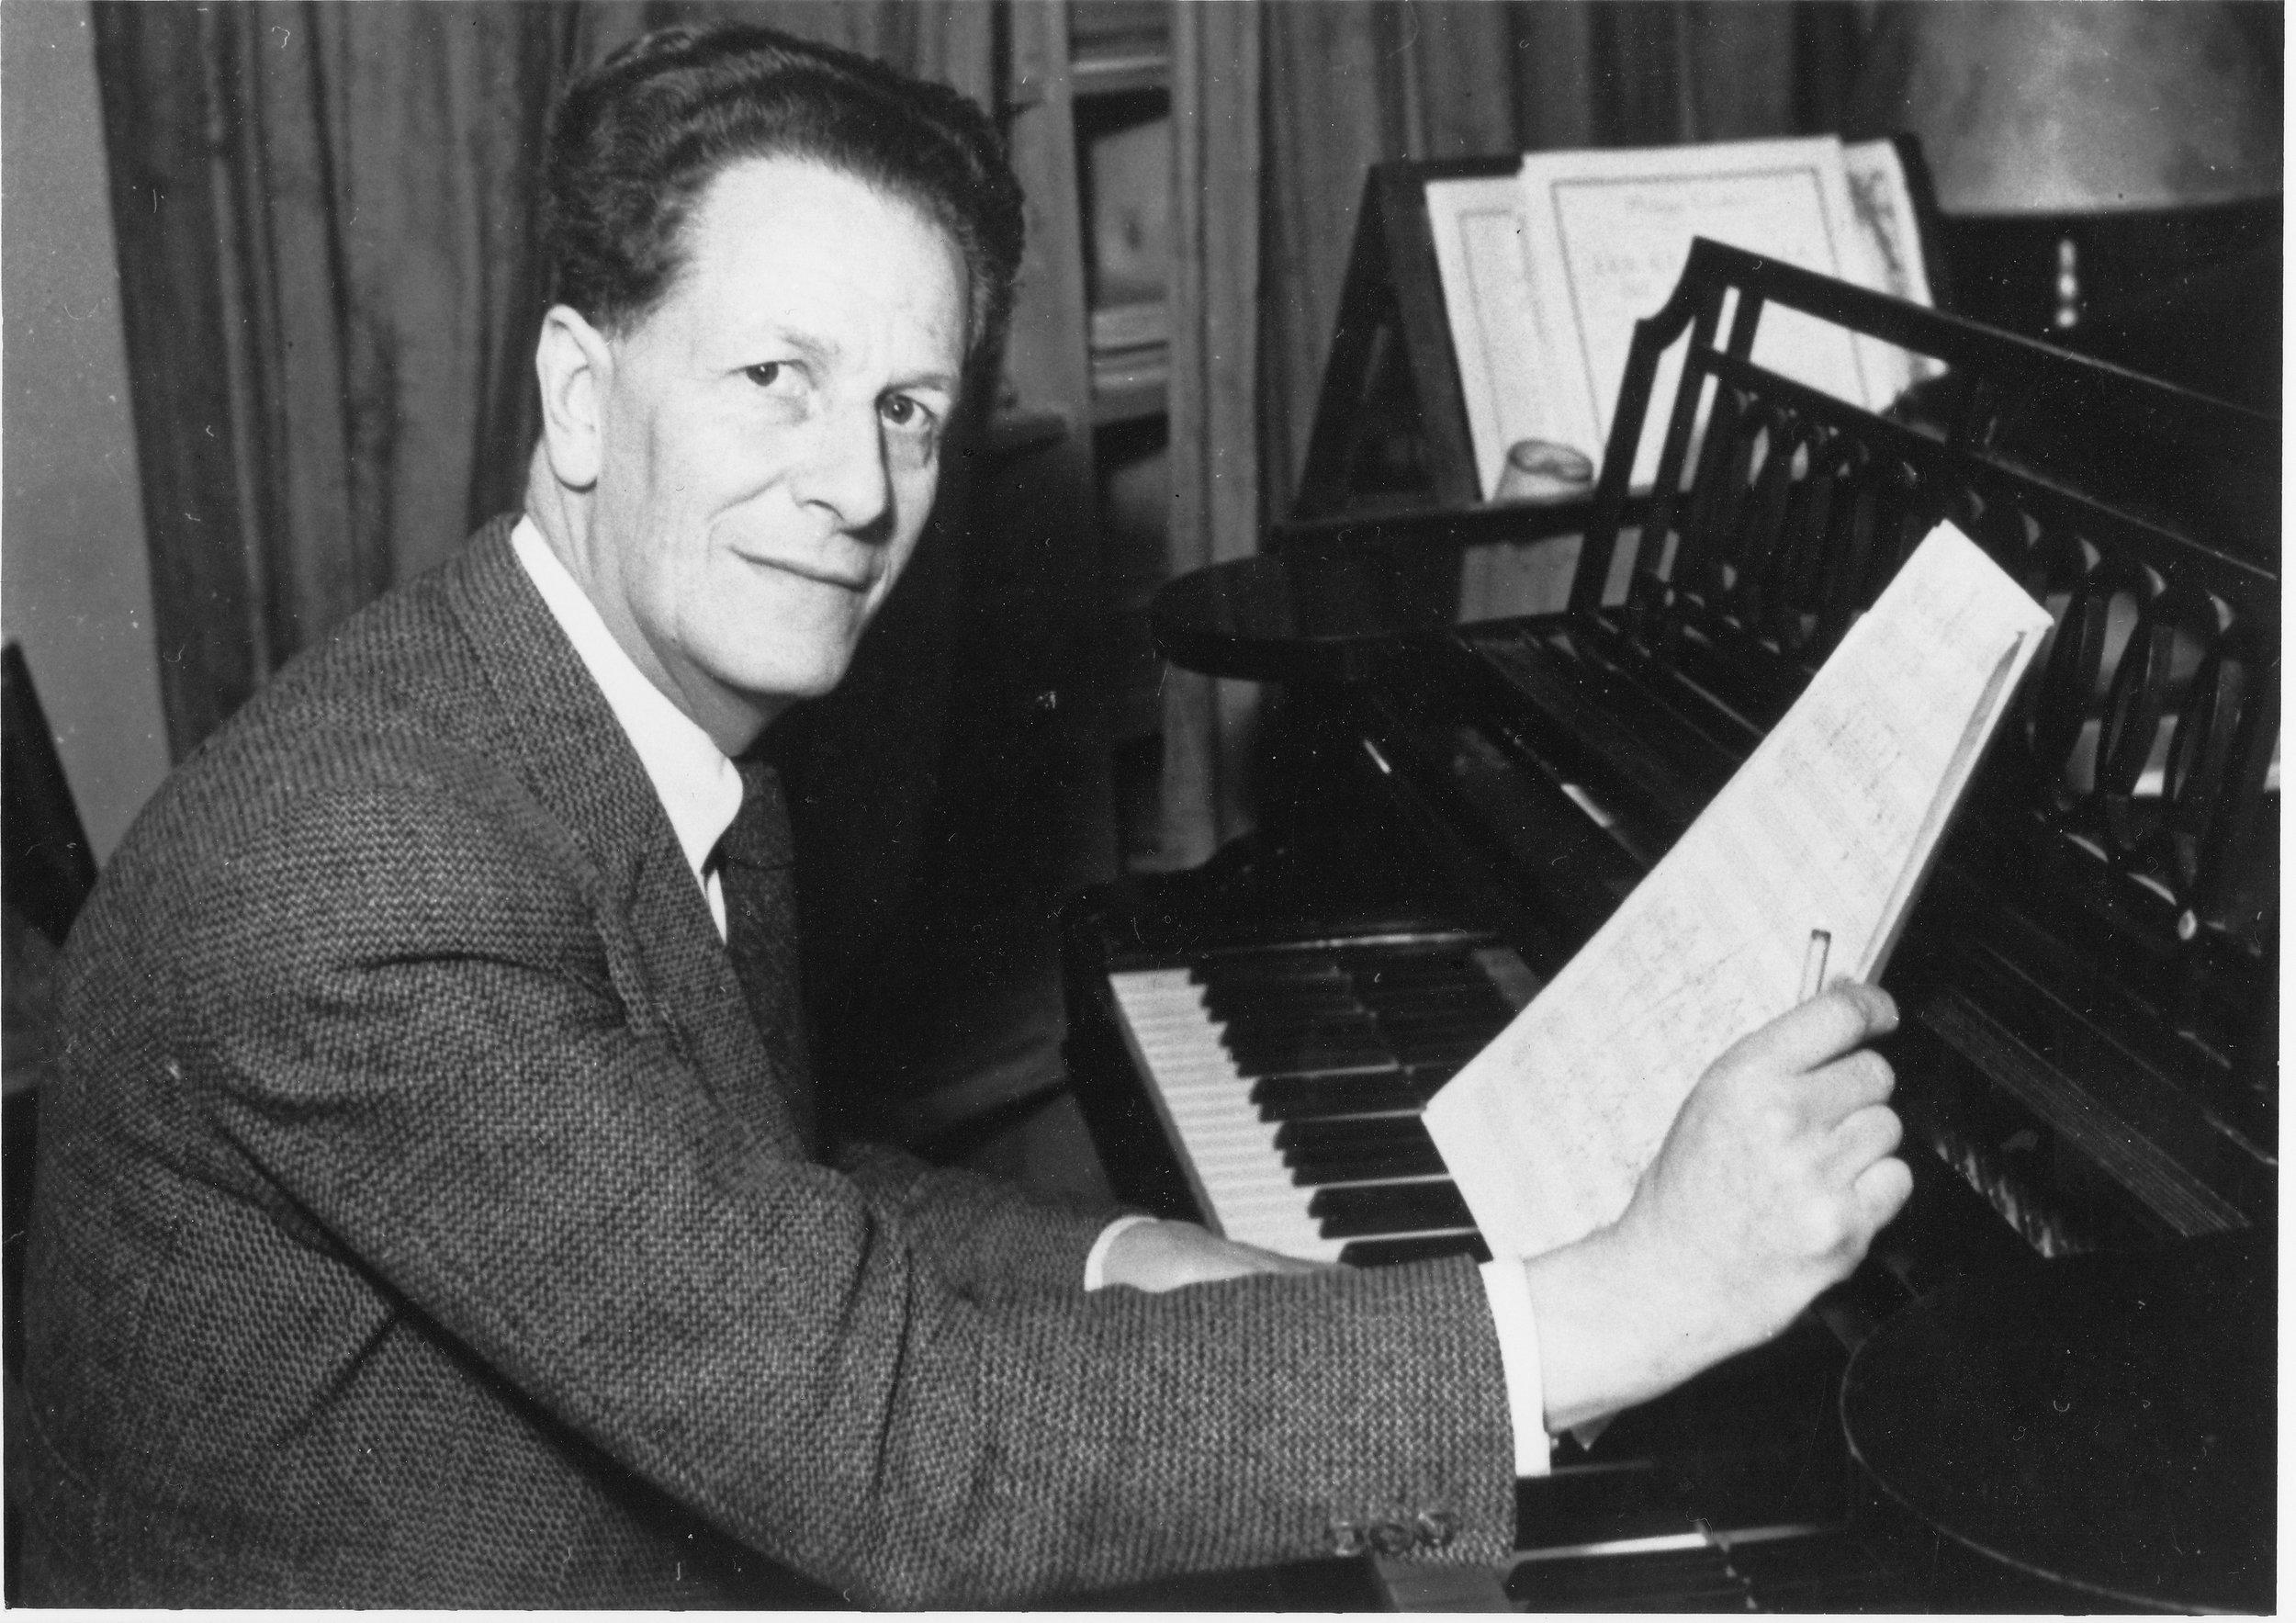 Composer Frank Martin (1890 - 1974)